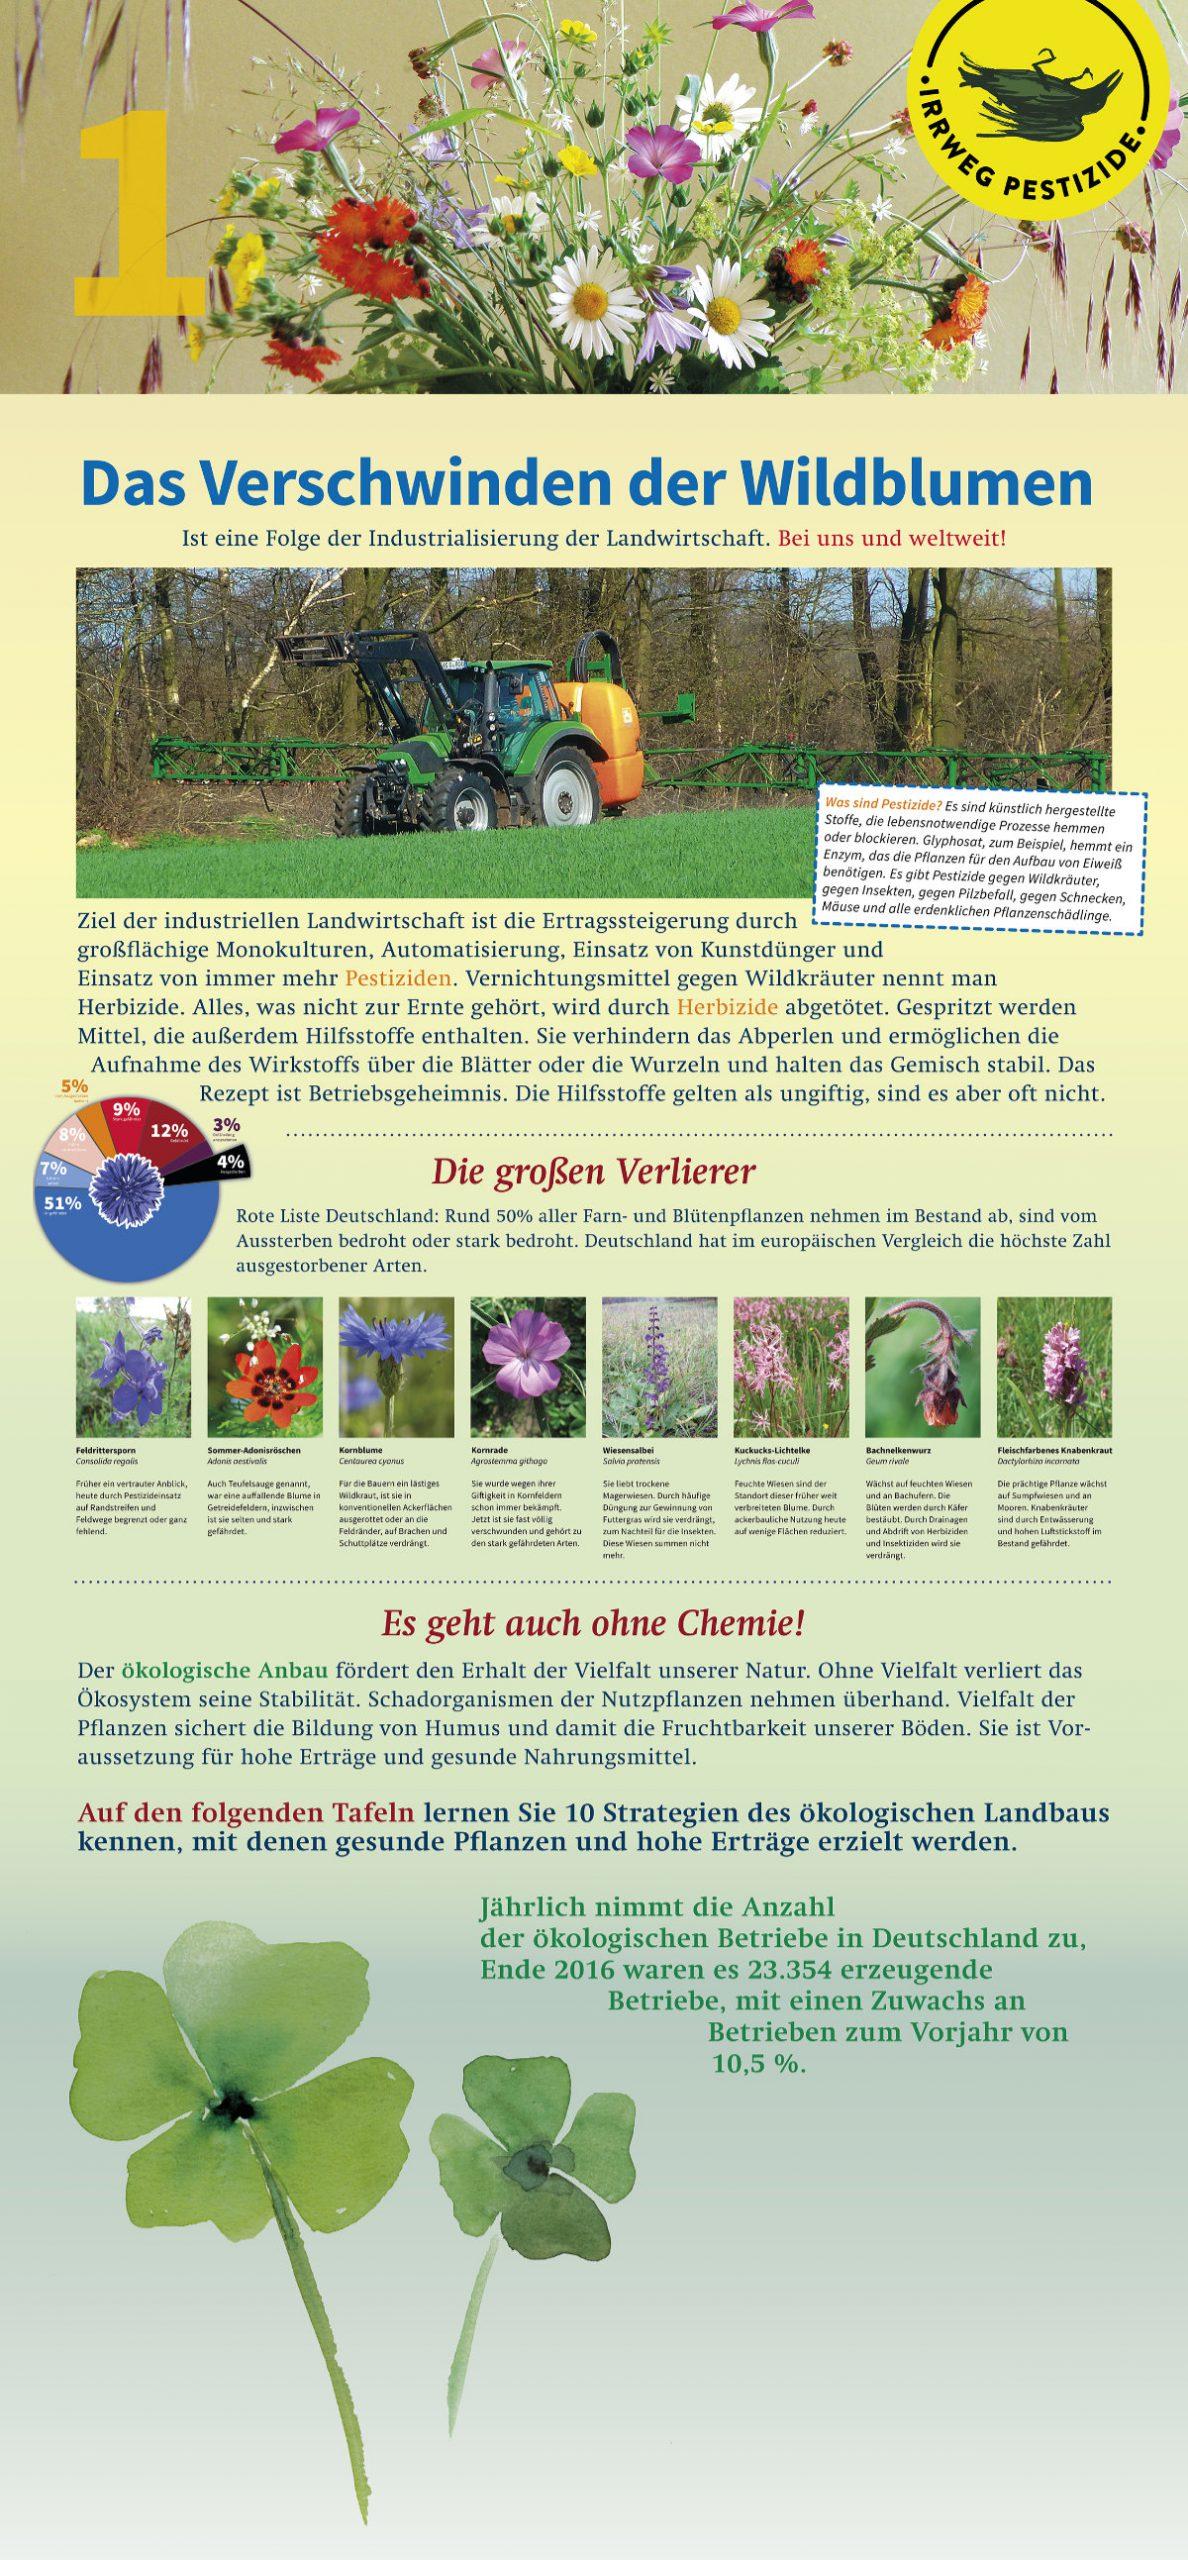 Irrweg Pestizide Das Verschwinden der Wildblüten